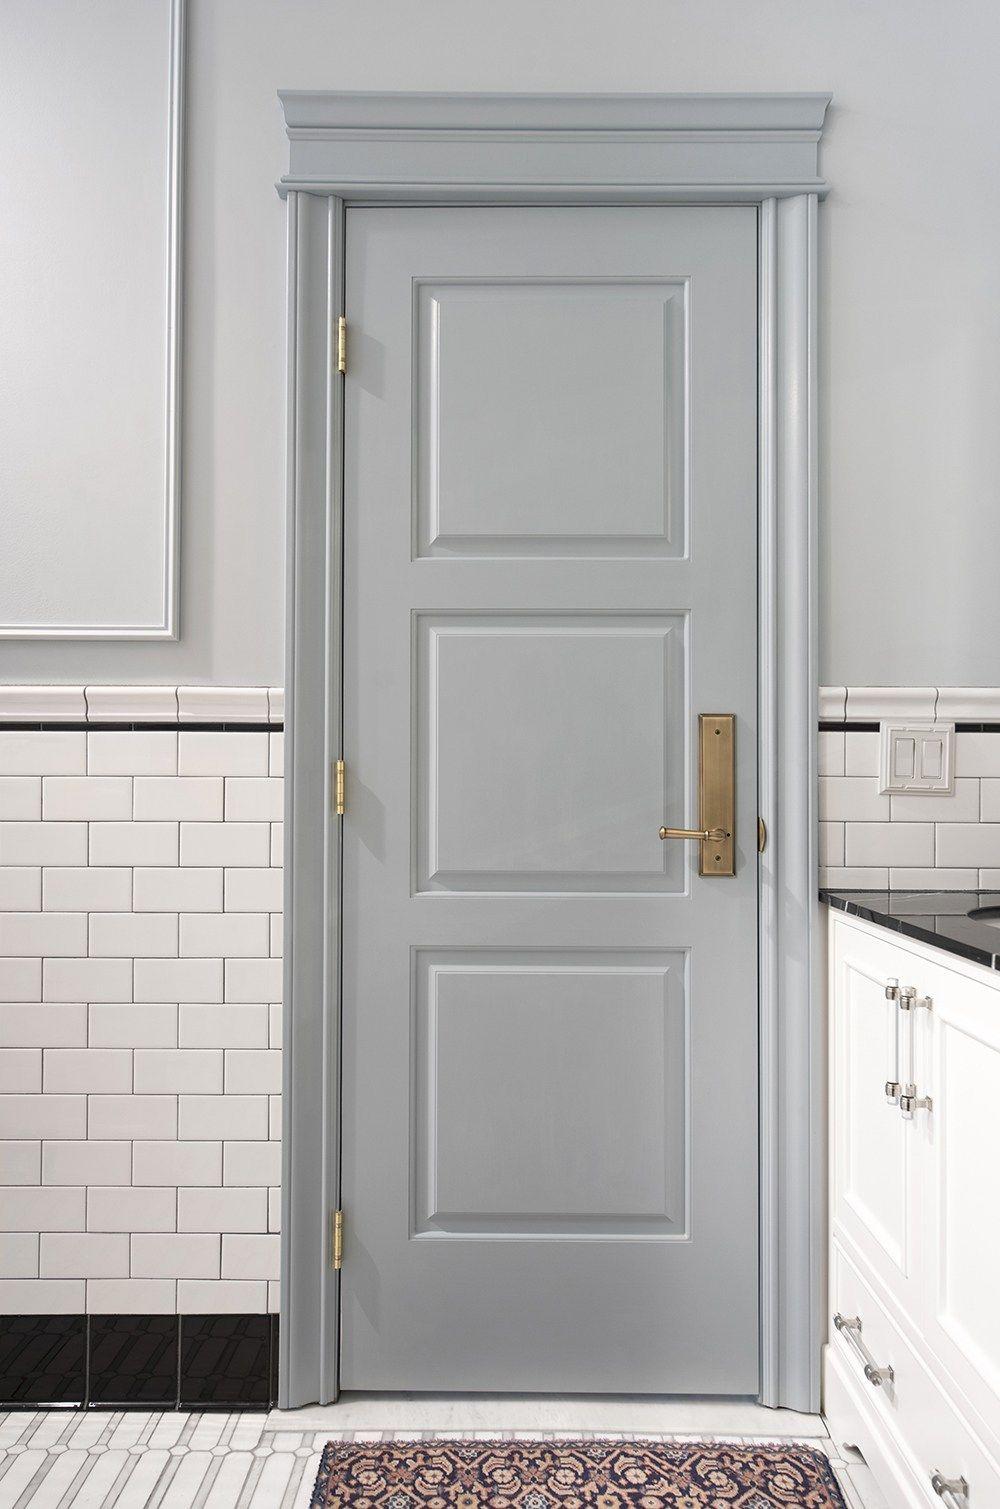 Designer Trick Choosing The Perfect Paint Color Room For Tuesday Doors Interior Wooden Door Design Doors And Hardware